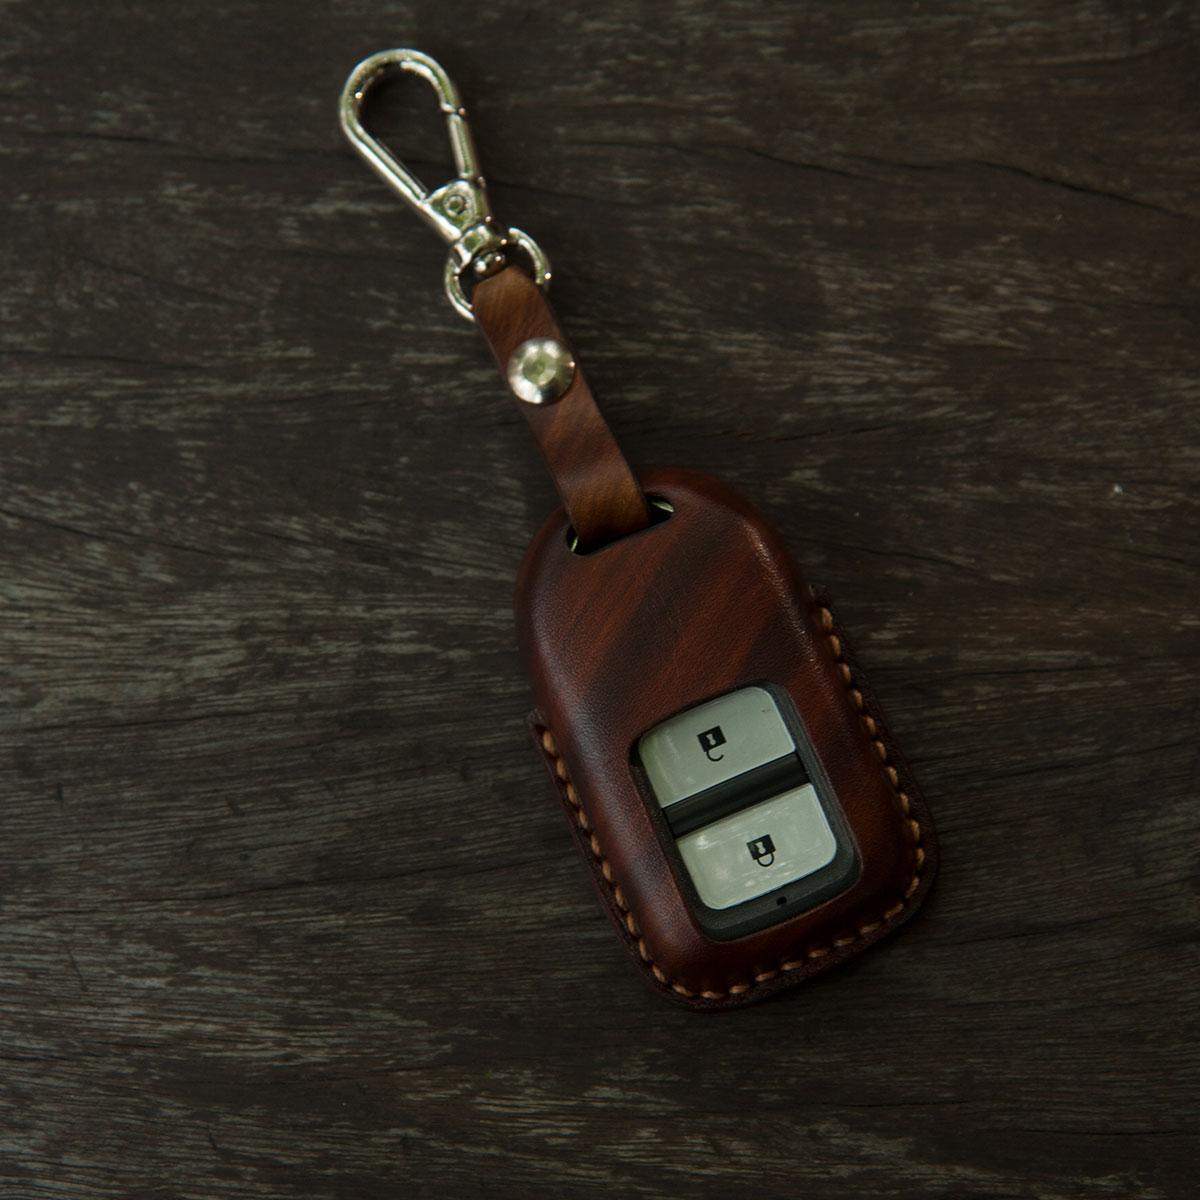 Bao da chìa khoá màu vân gỗ nâu đậm cho Honda CR-V, đồ da handmade chất liệu da bò thật nhập khẩu - ASBD4658